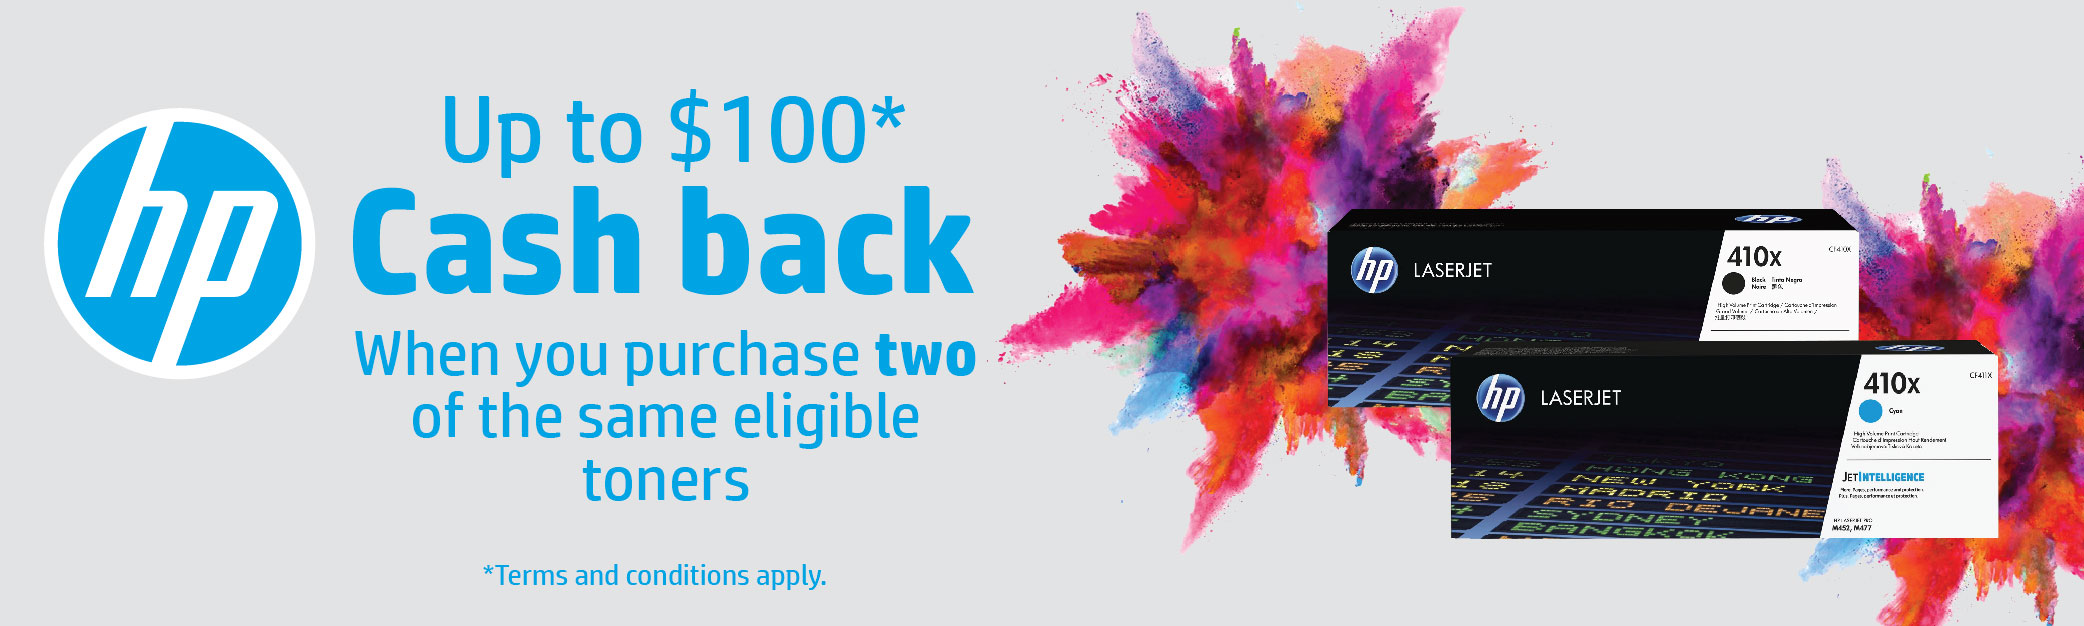 Up to $100 Cash Back HP Toner Promotion